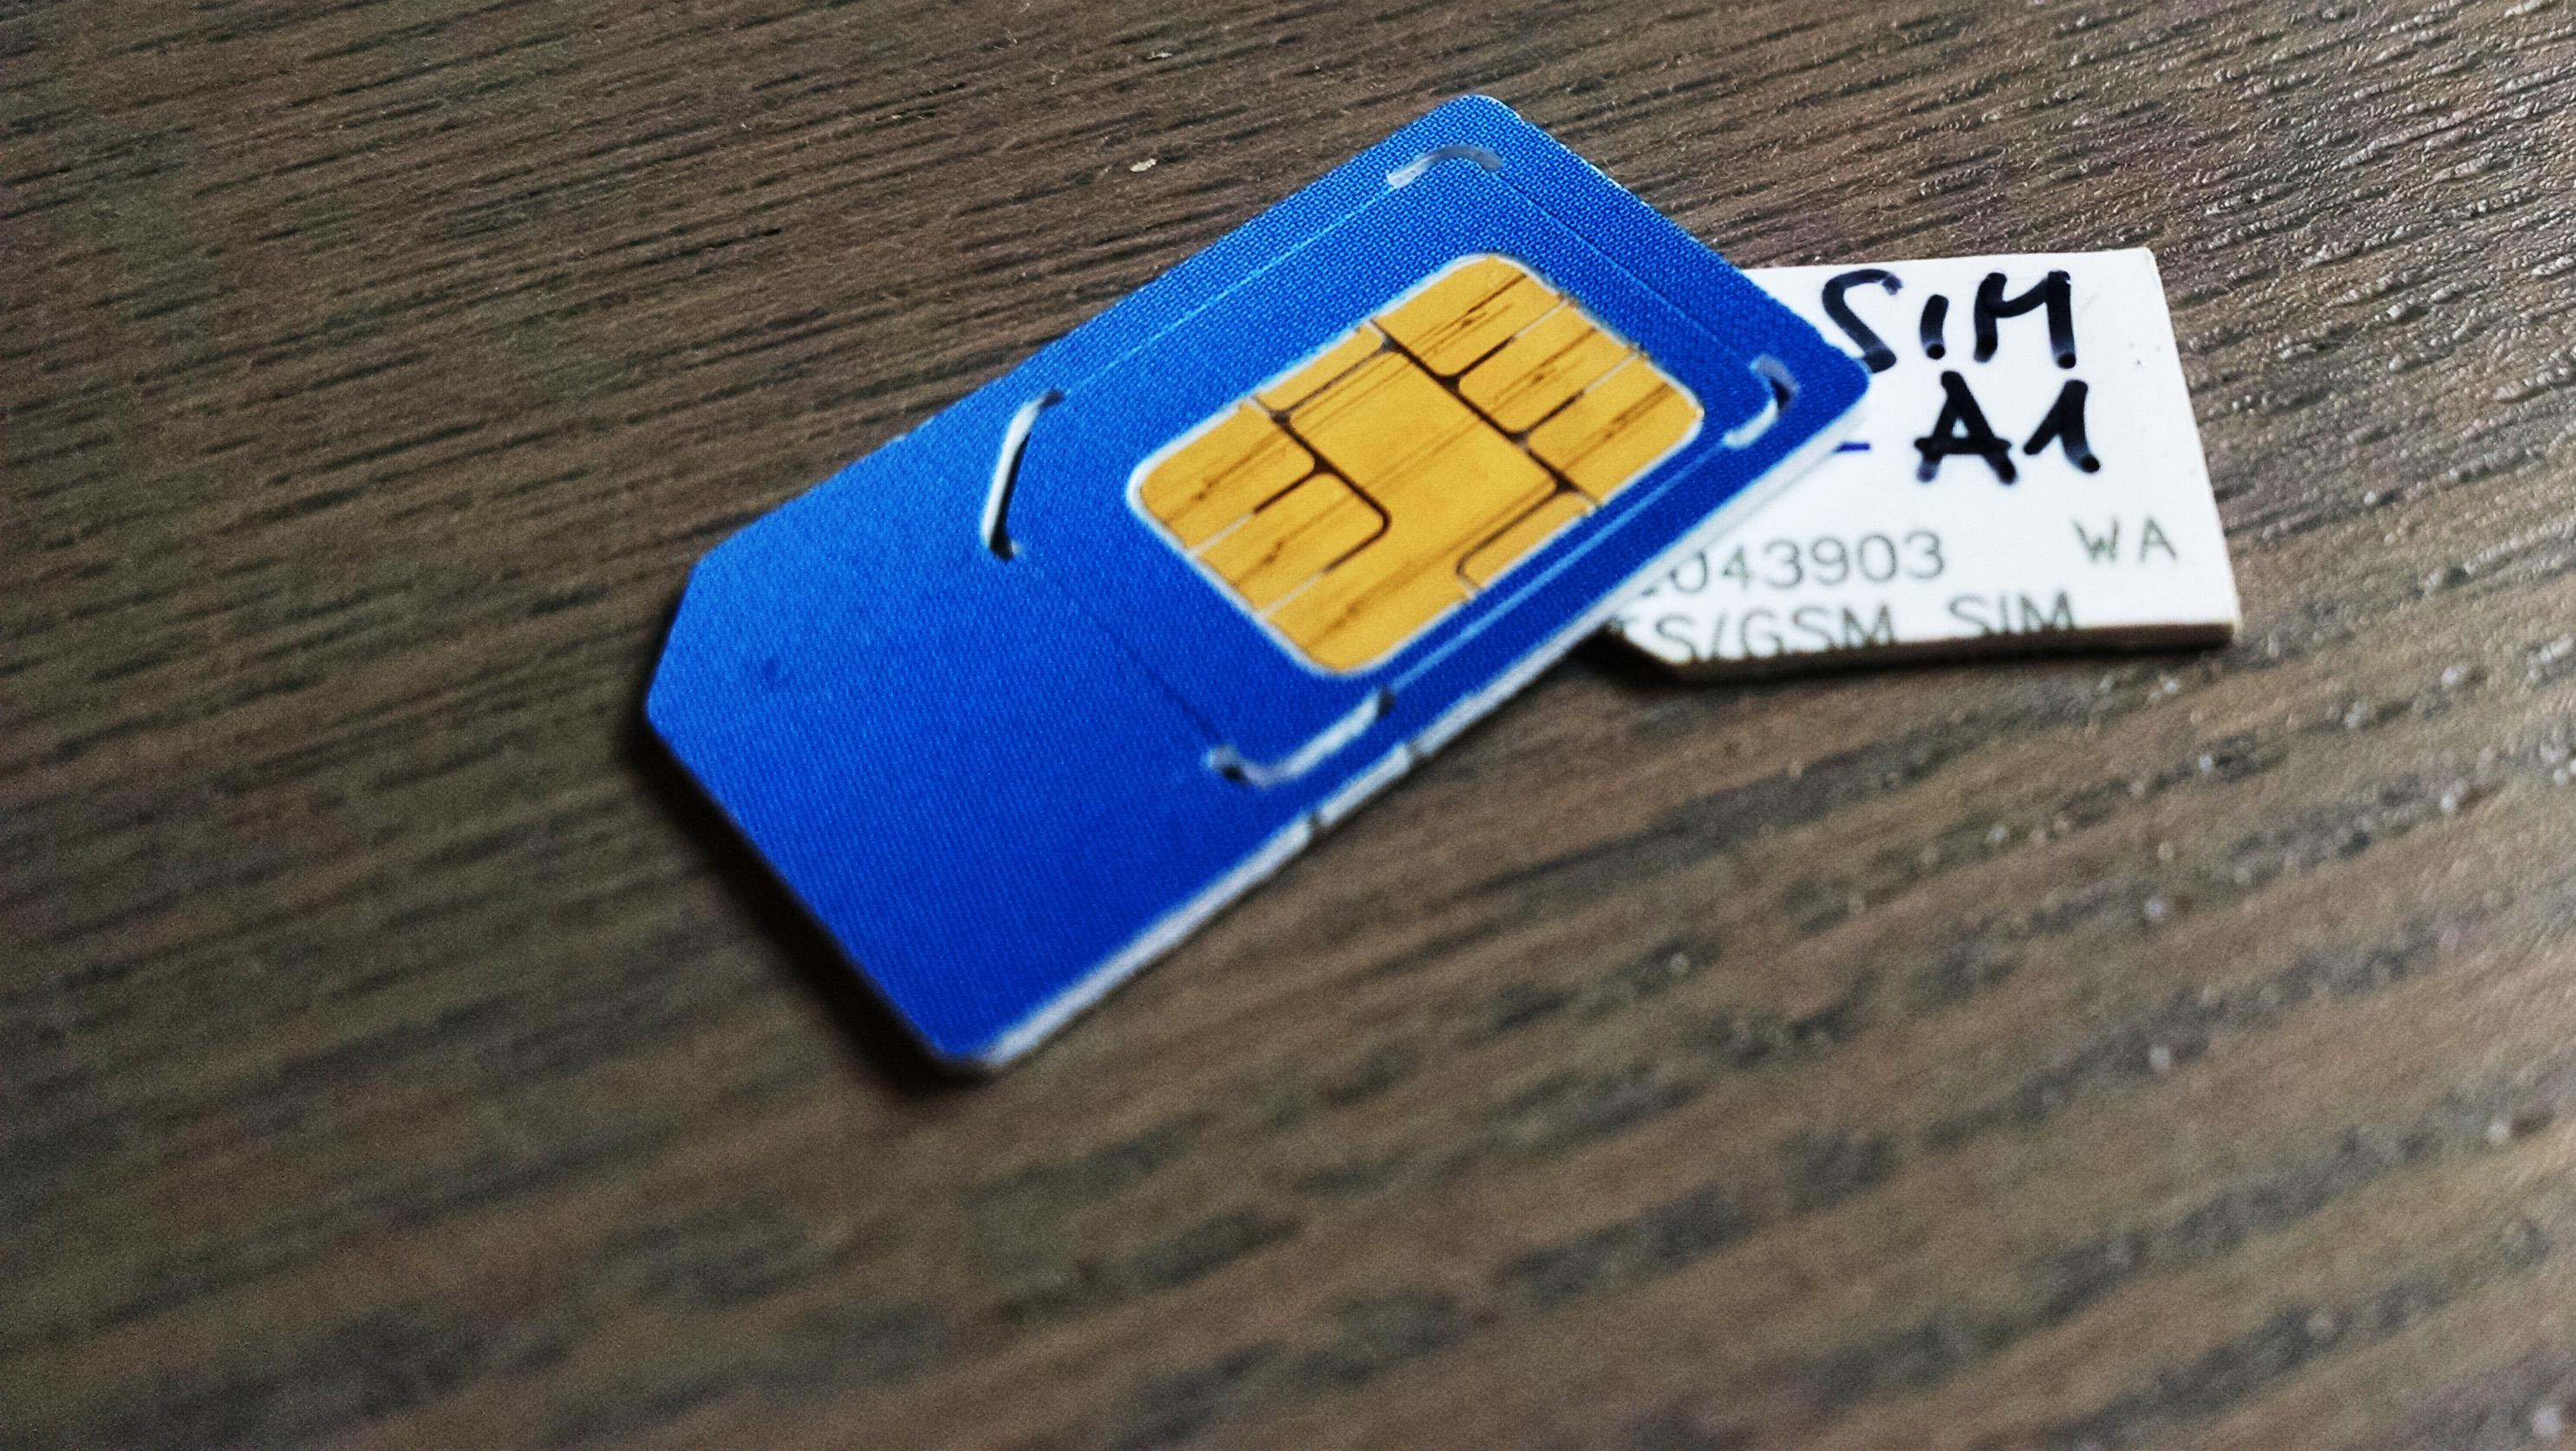 SIM-Karten_Notfall_Internet_LTE